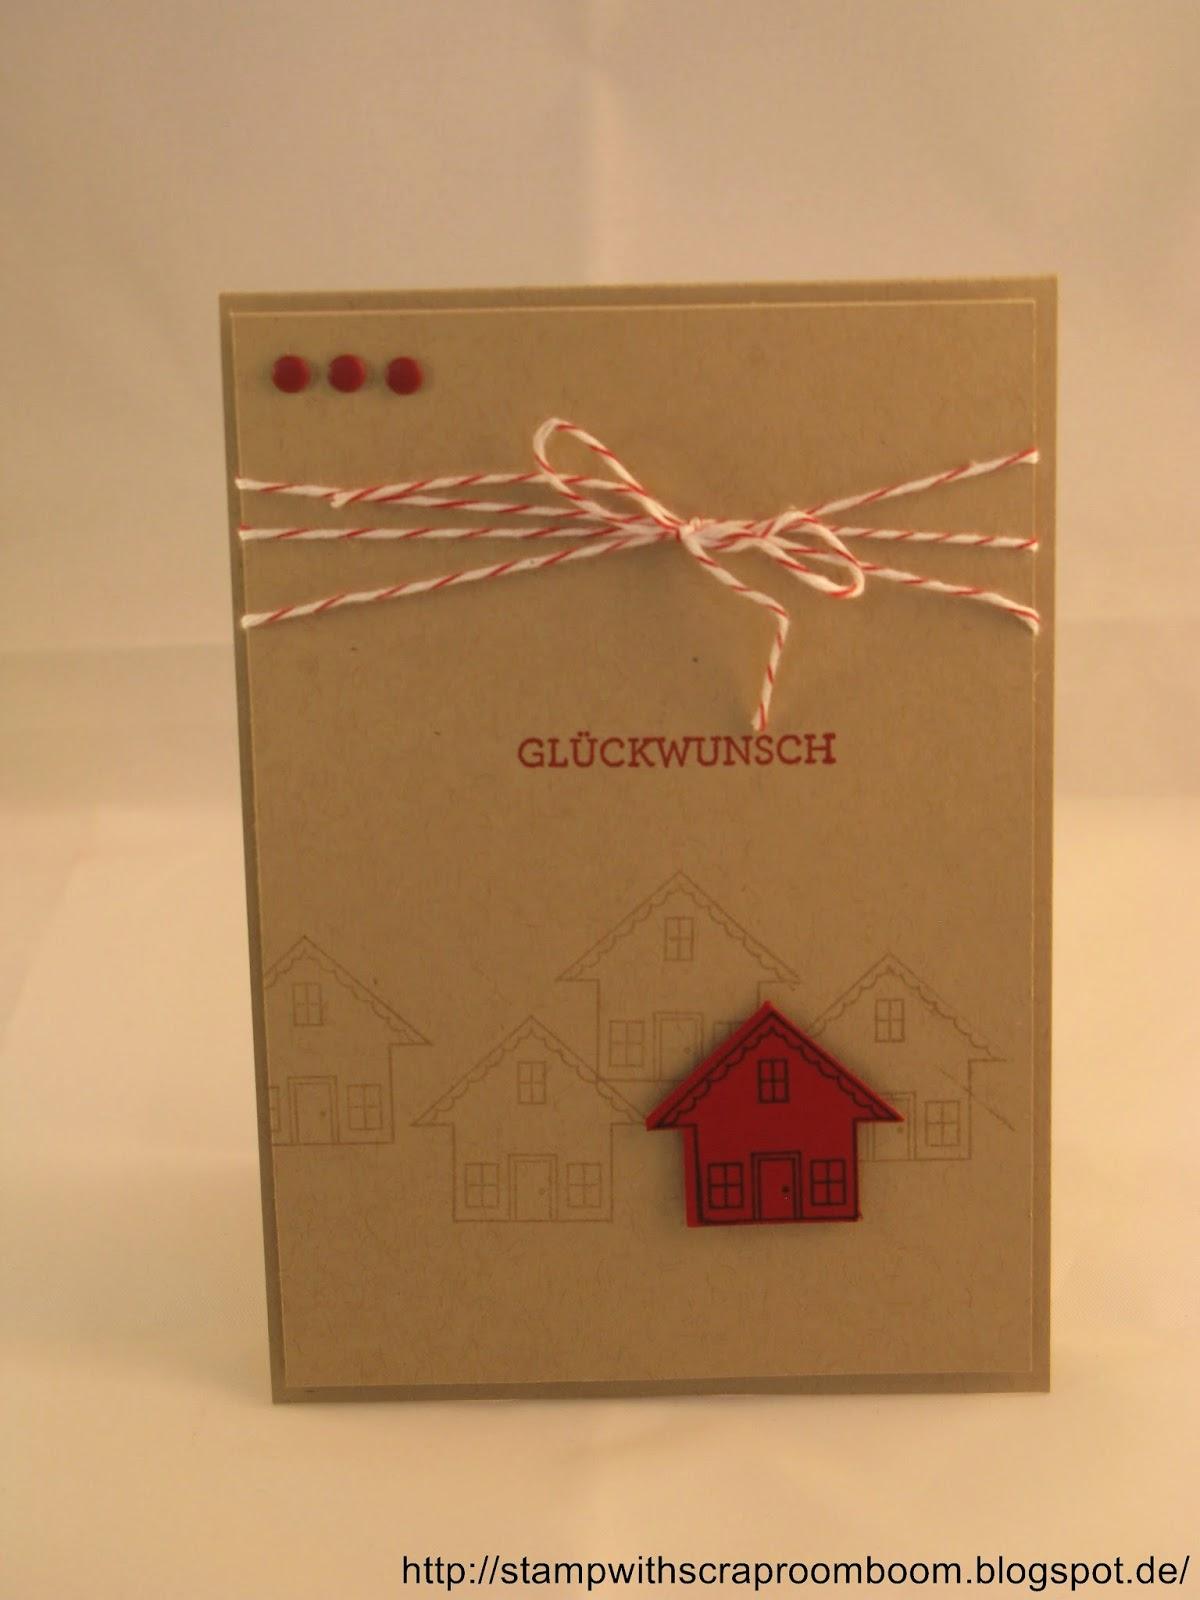 stampin mit scraproomboom eine karte zum umzug. Black Bedroom Furniture Sets. Home Design Ideas